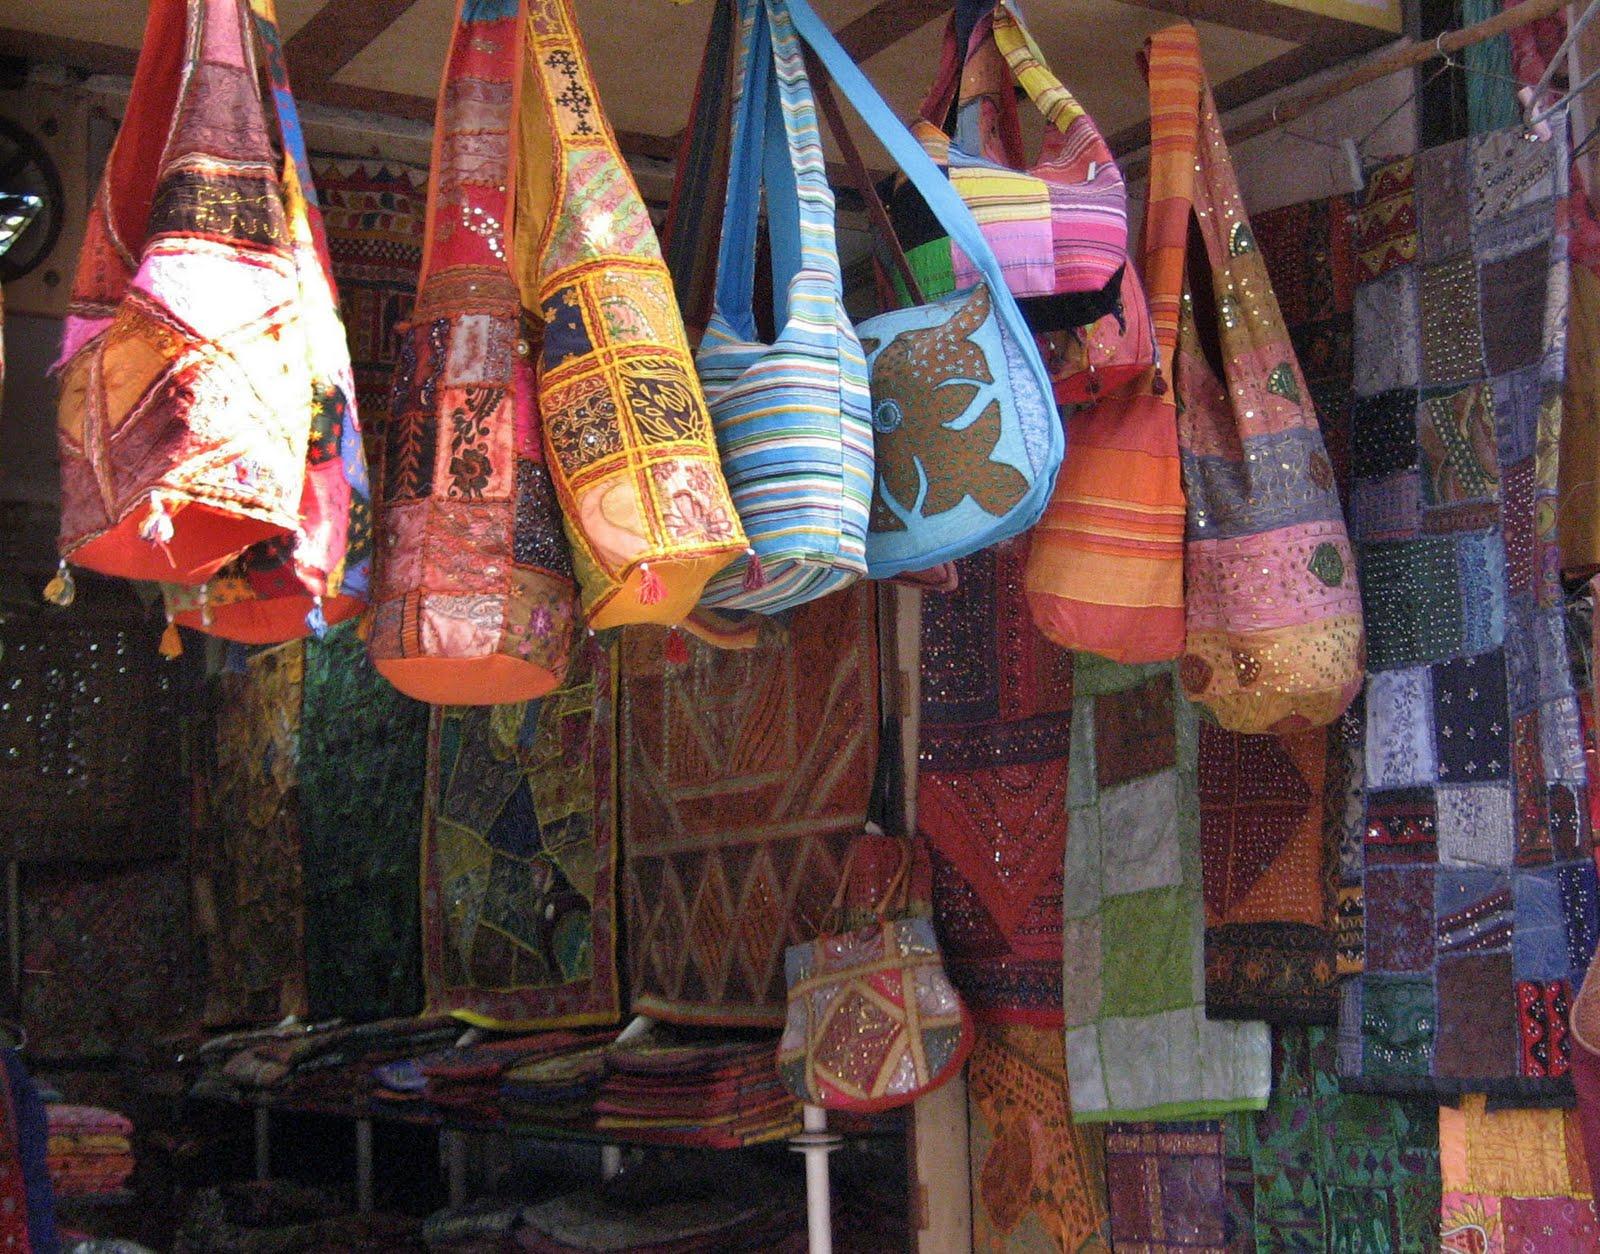 Northeast Handicraft Exports Manufacturing Indian Handicrafts